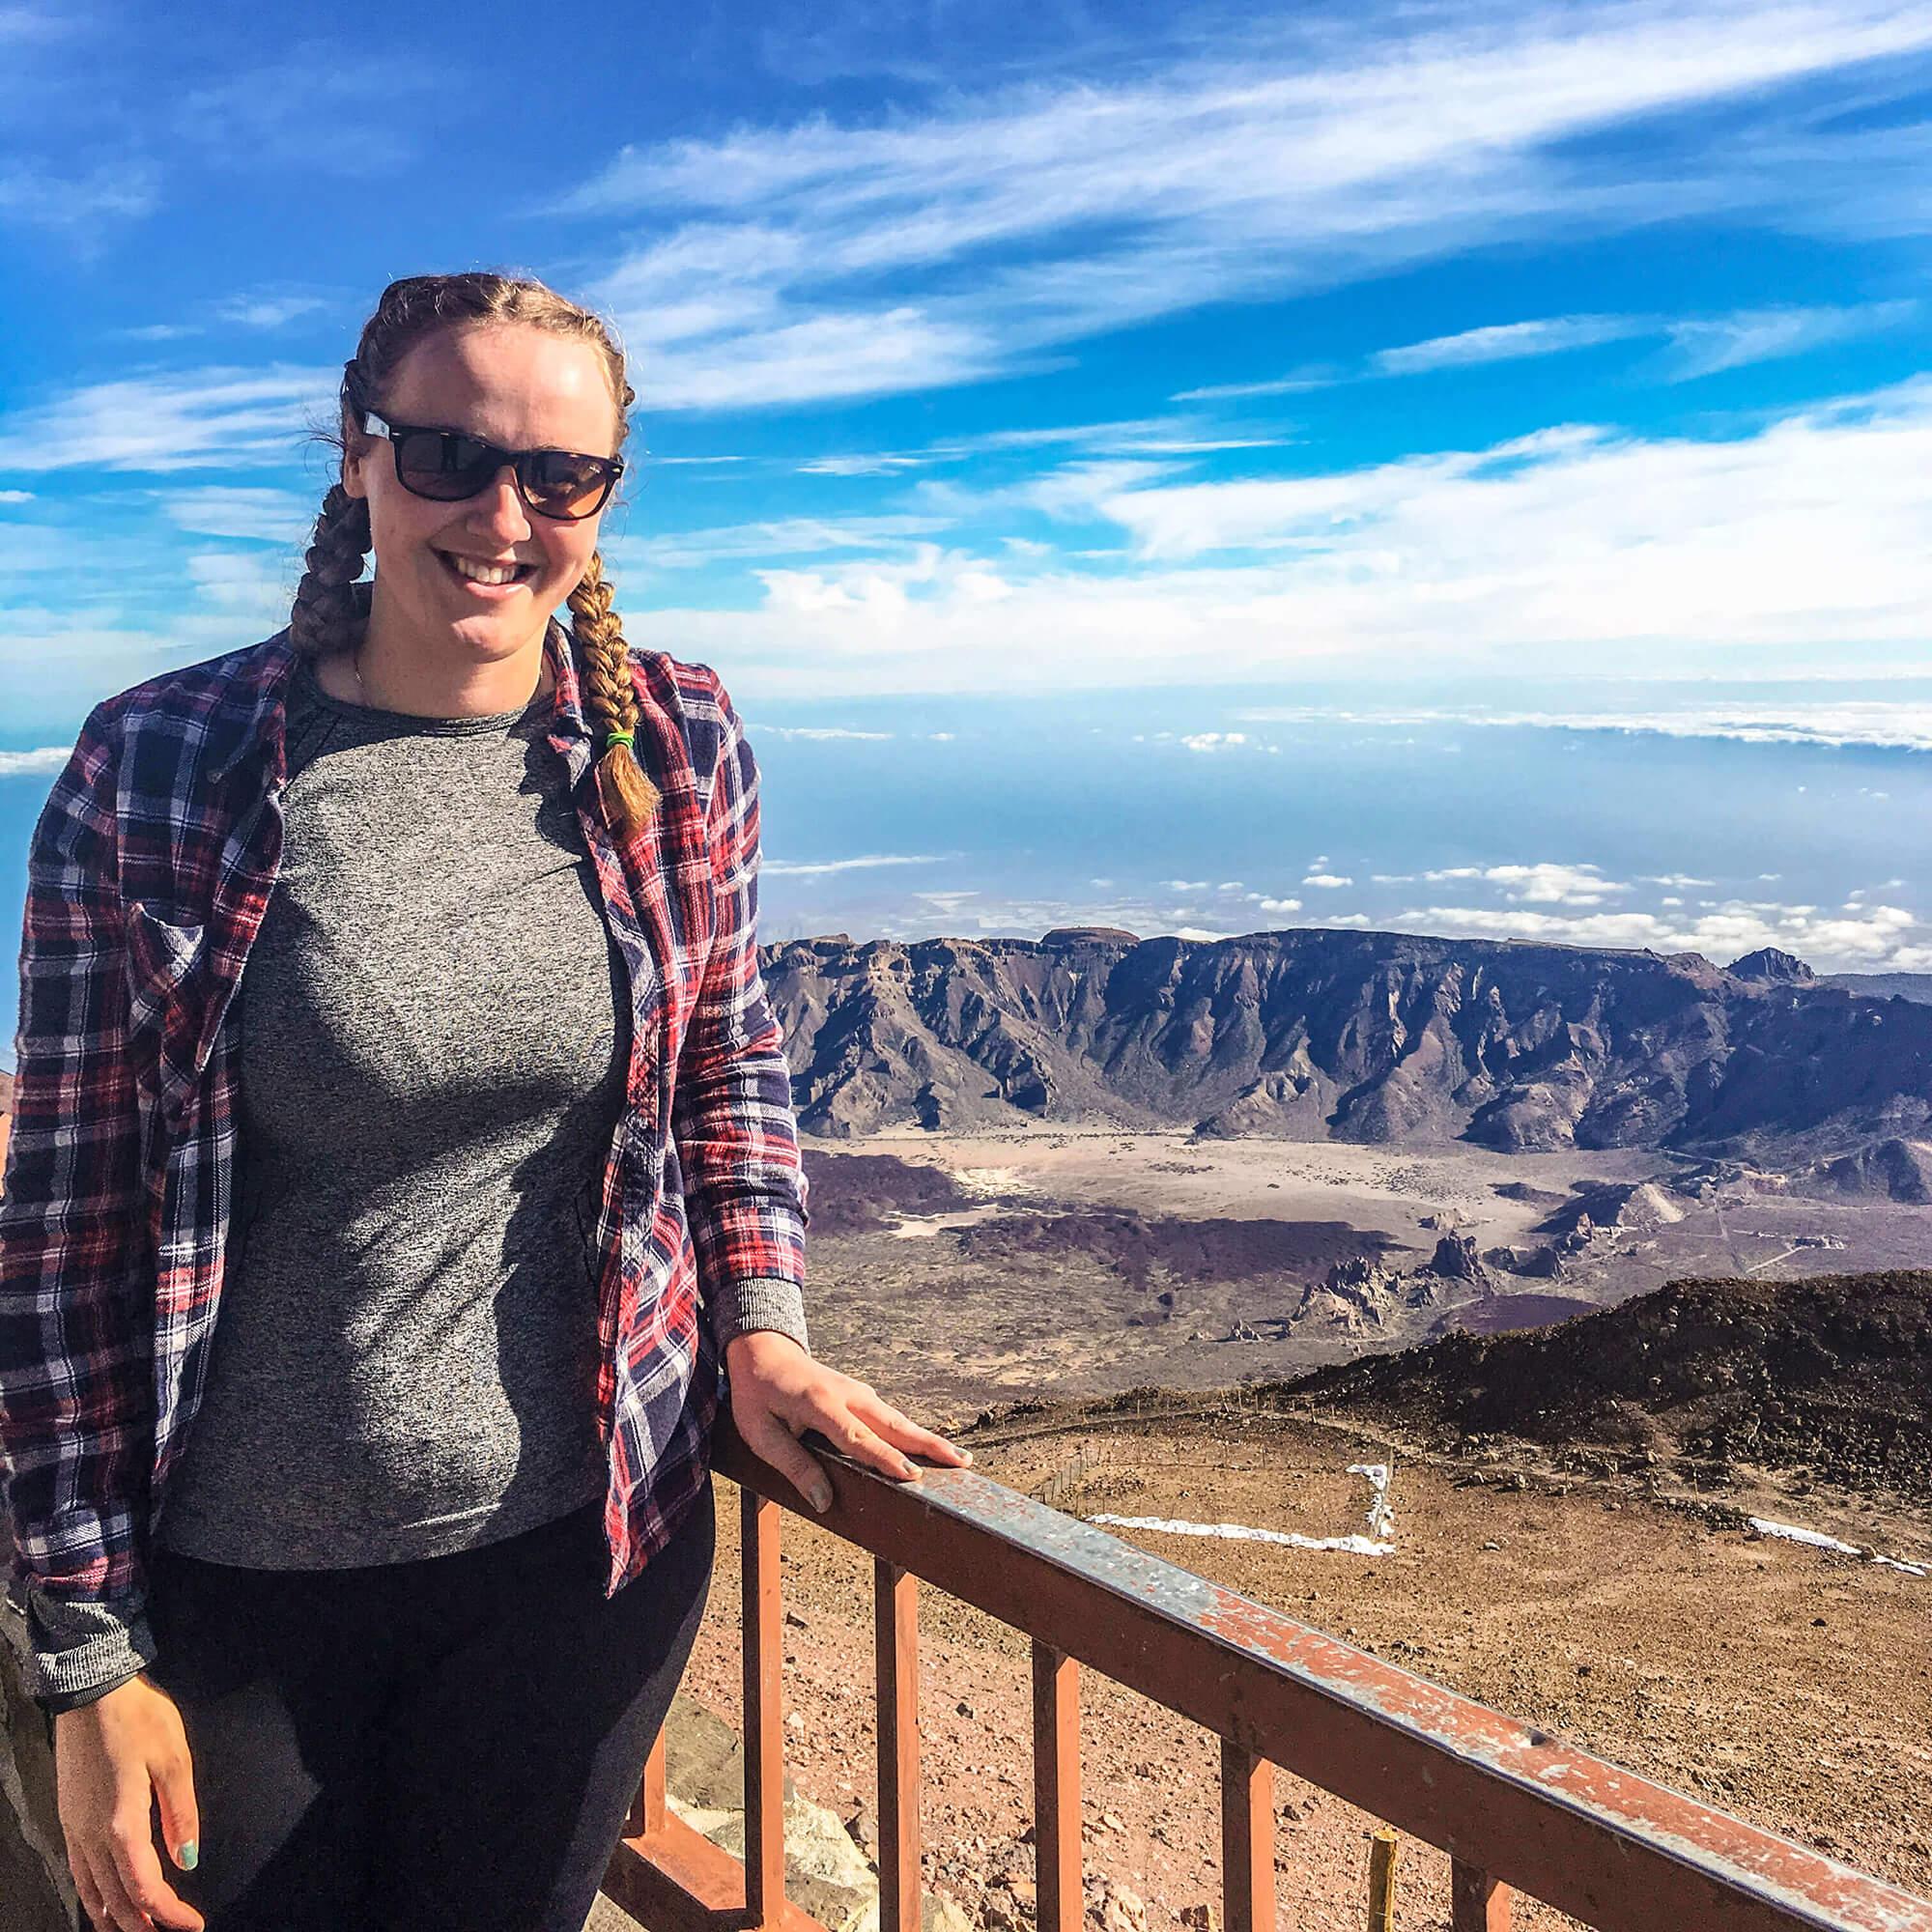 Rebecca Winstanley on Mount Teide